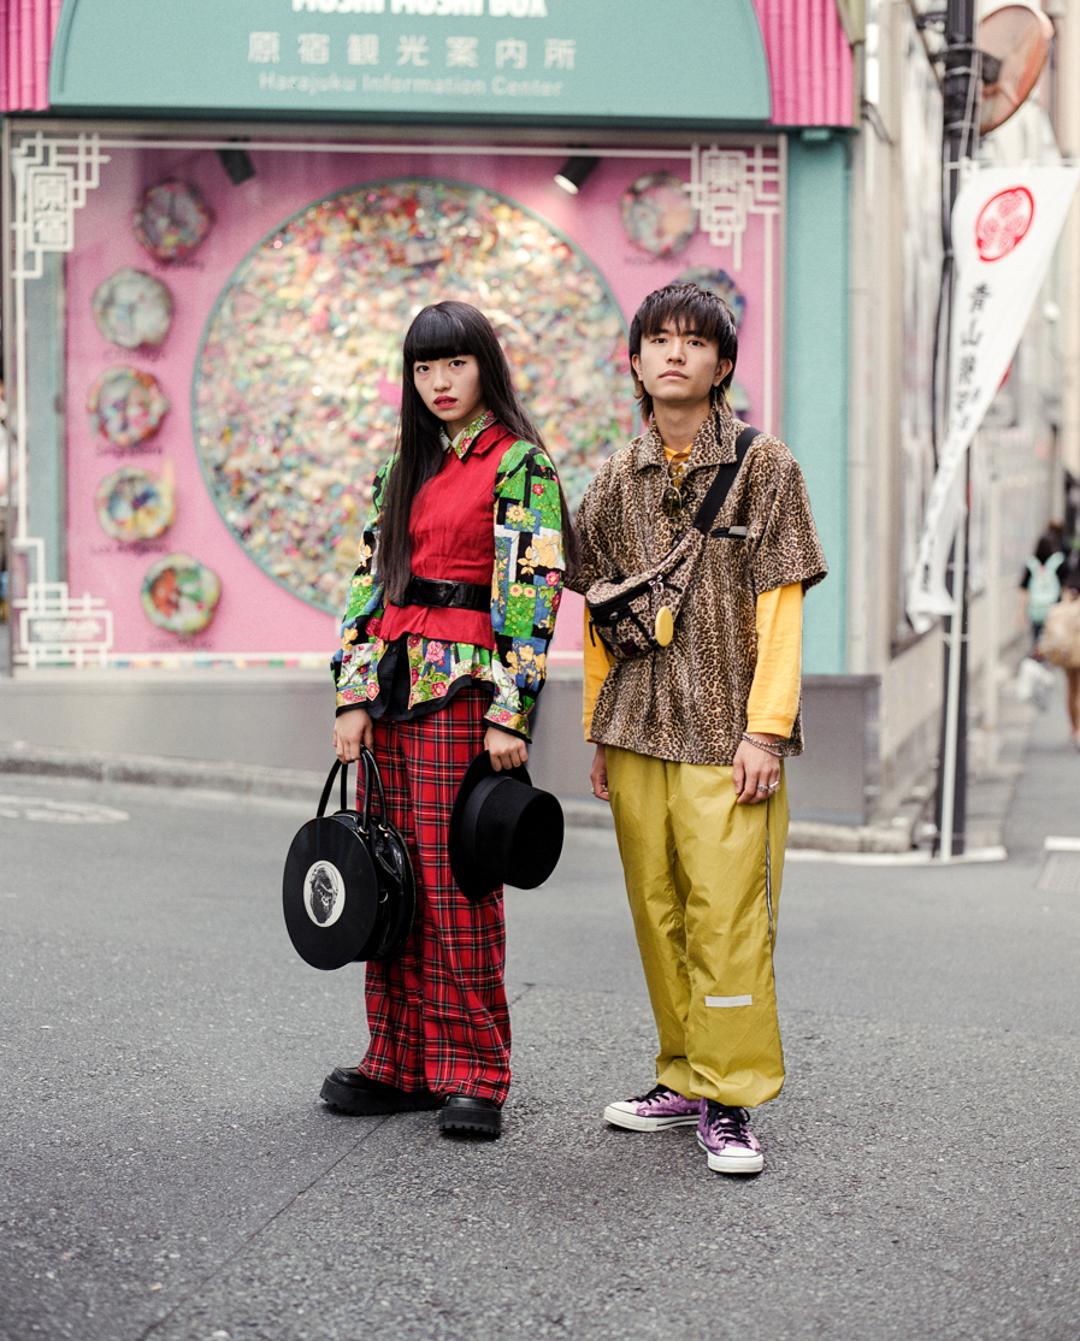 Sakura and Naka mixing prints in Harajuku